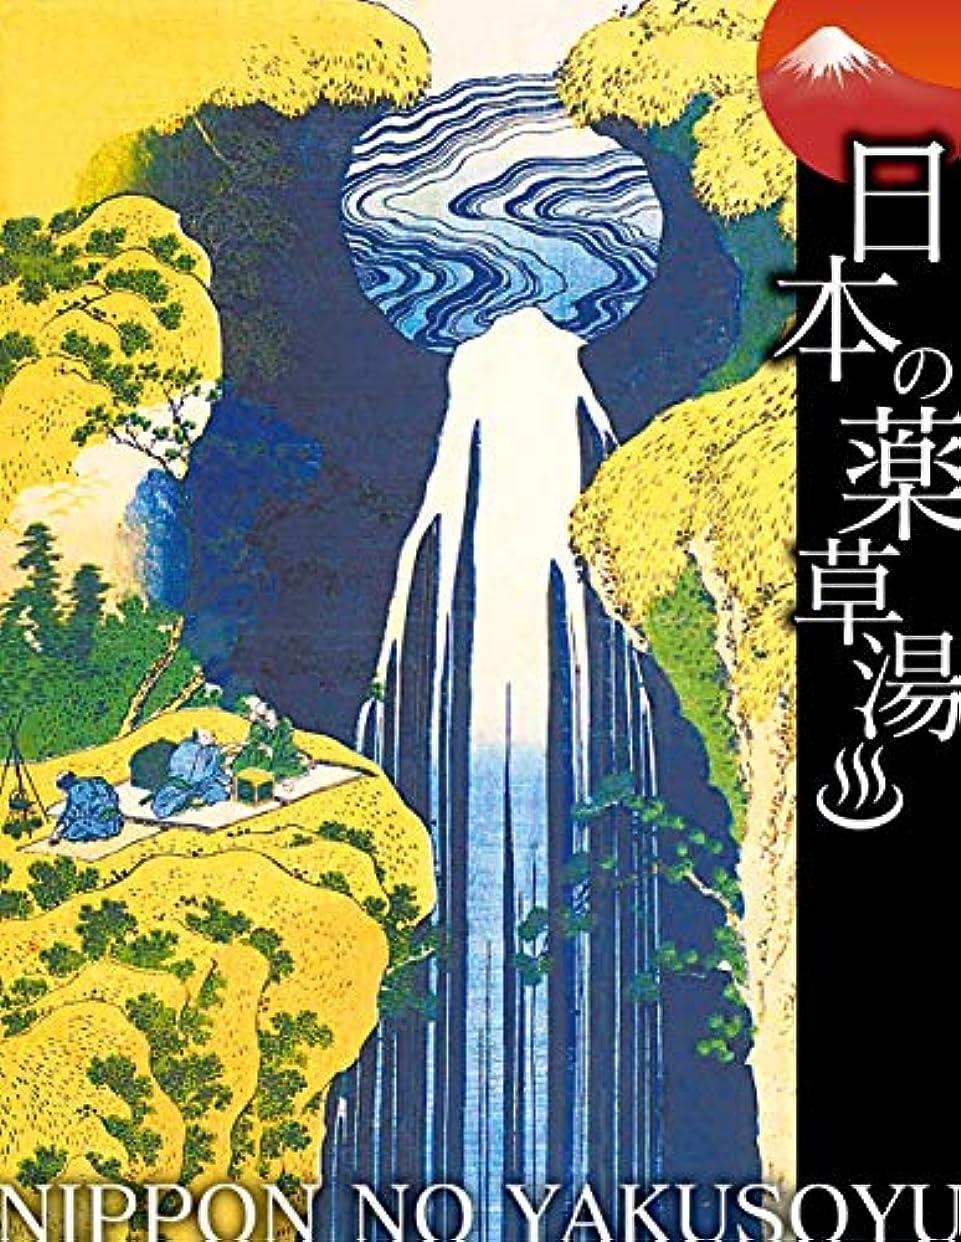 キャンバス似ている喜び日本の薬草湯 木曽路ノ奥阿弥陀ヶ瀧(諸国瀧廻り)